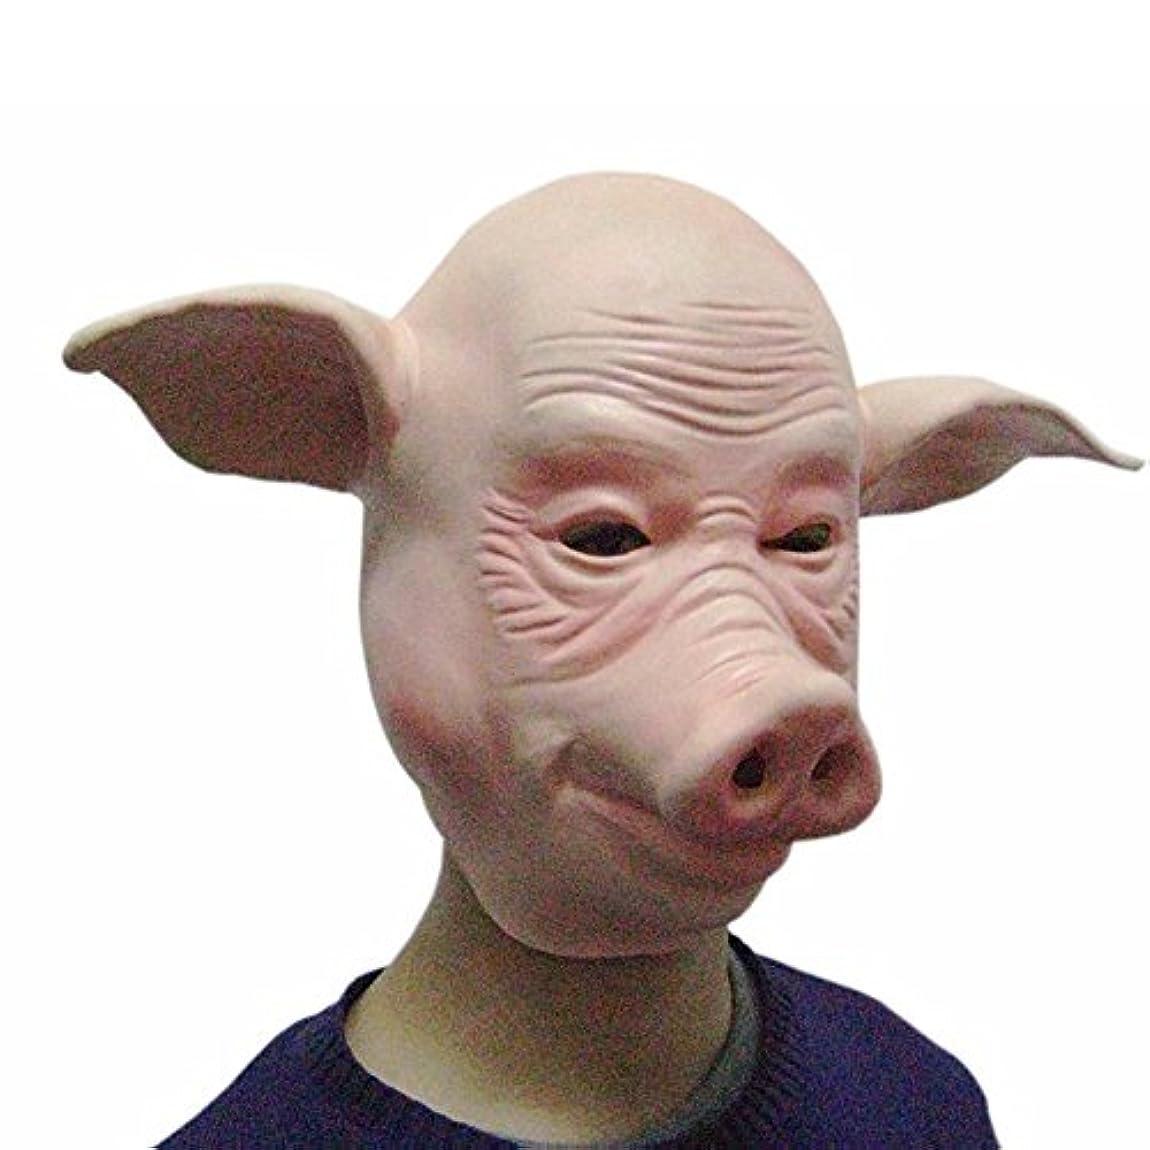 気取らない簡単に一般的な仮装ショー用品ハロウィーン豚フェイスマスク豚ヘッドマスク豚マスクハゲ豚マスク